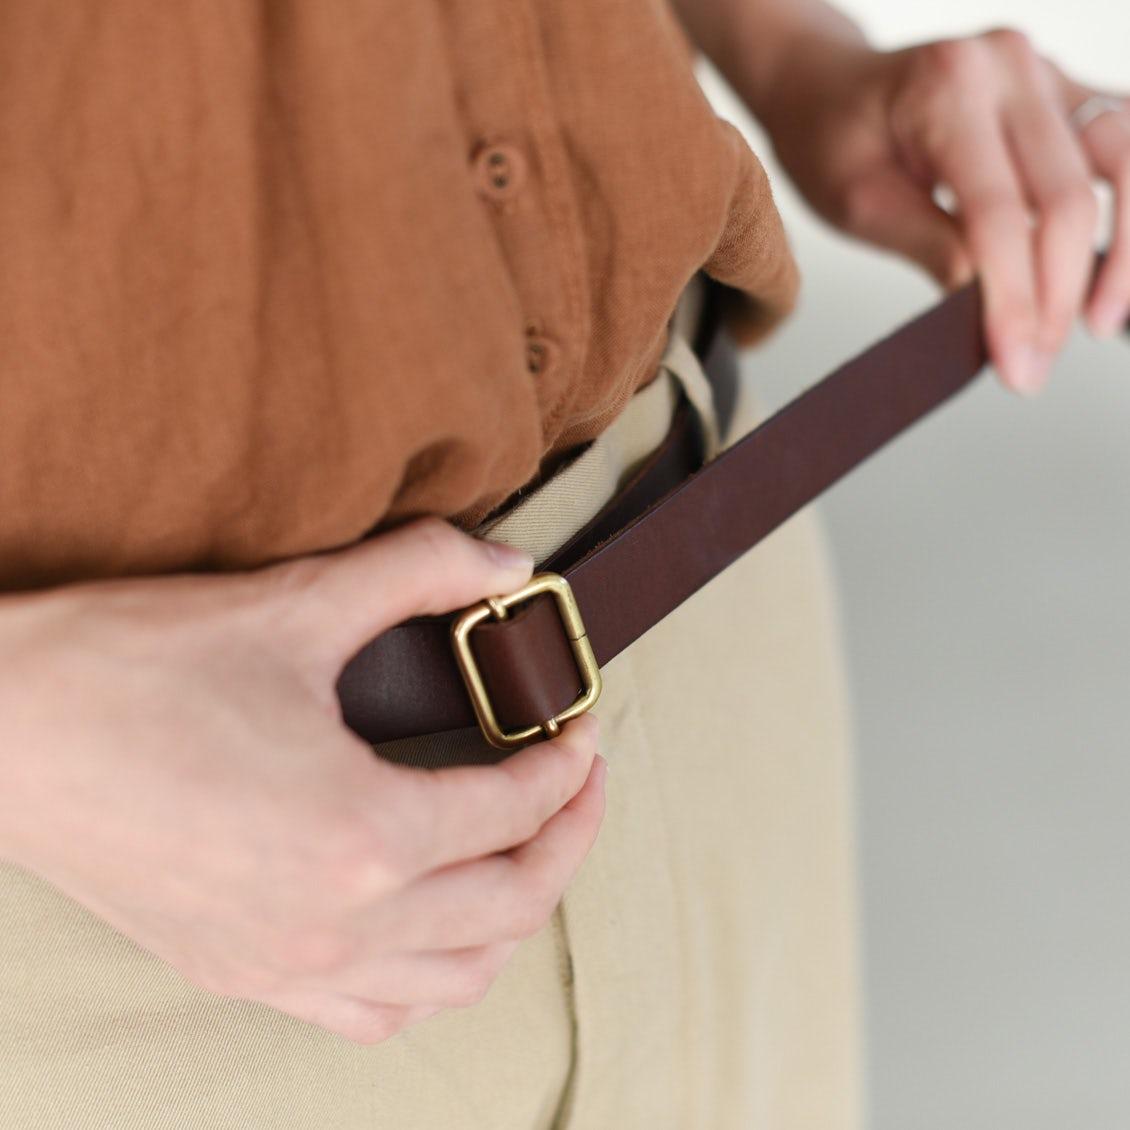 【スタッフの愛用品】ジャストサイズが嬉しい!着こなしの幅がぐんと広がる、本革のベルト